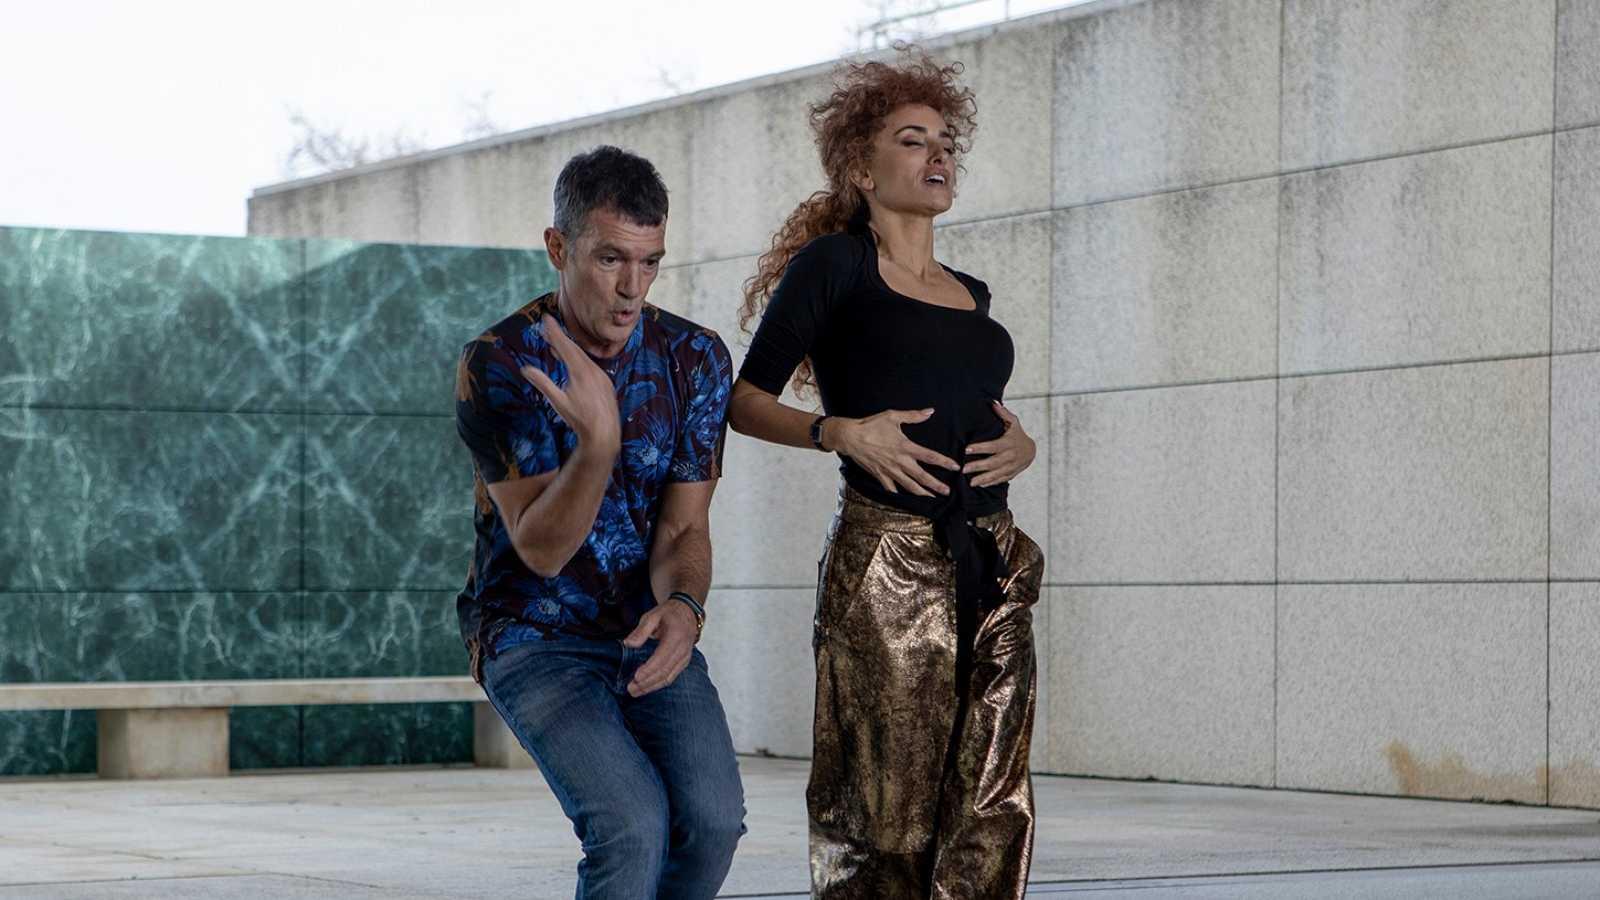 RTVE.es estrena el teaser tráiler de 'Competencia oficial', protagonizada por Penélope Cruz y Antonio Banderas